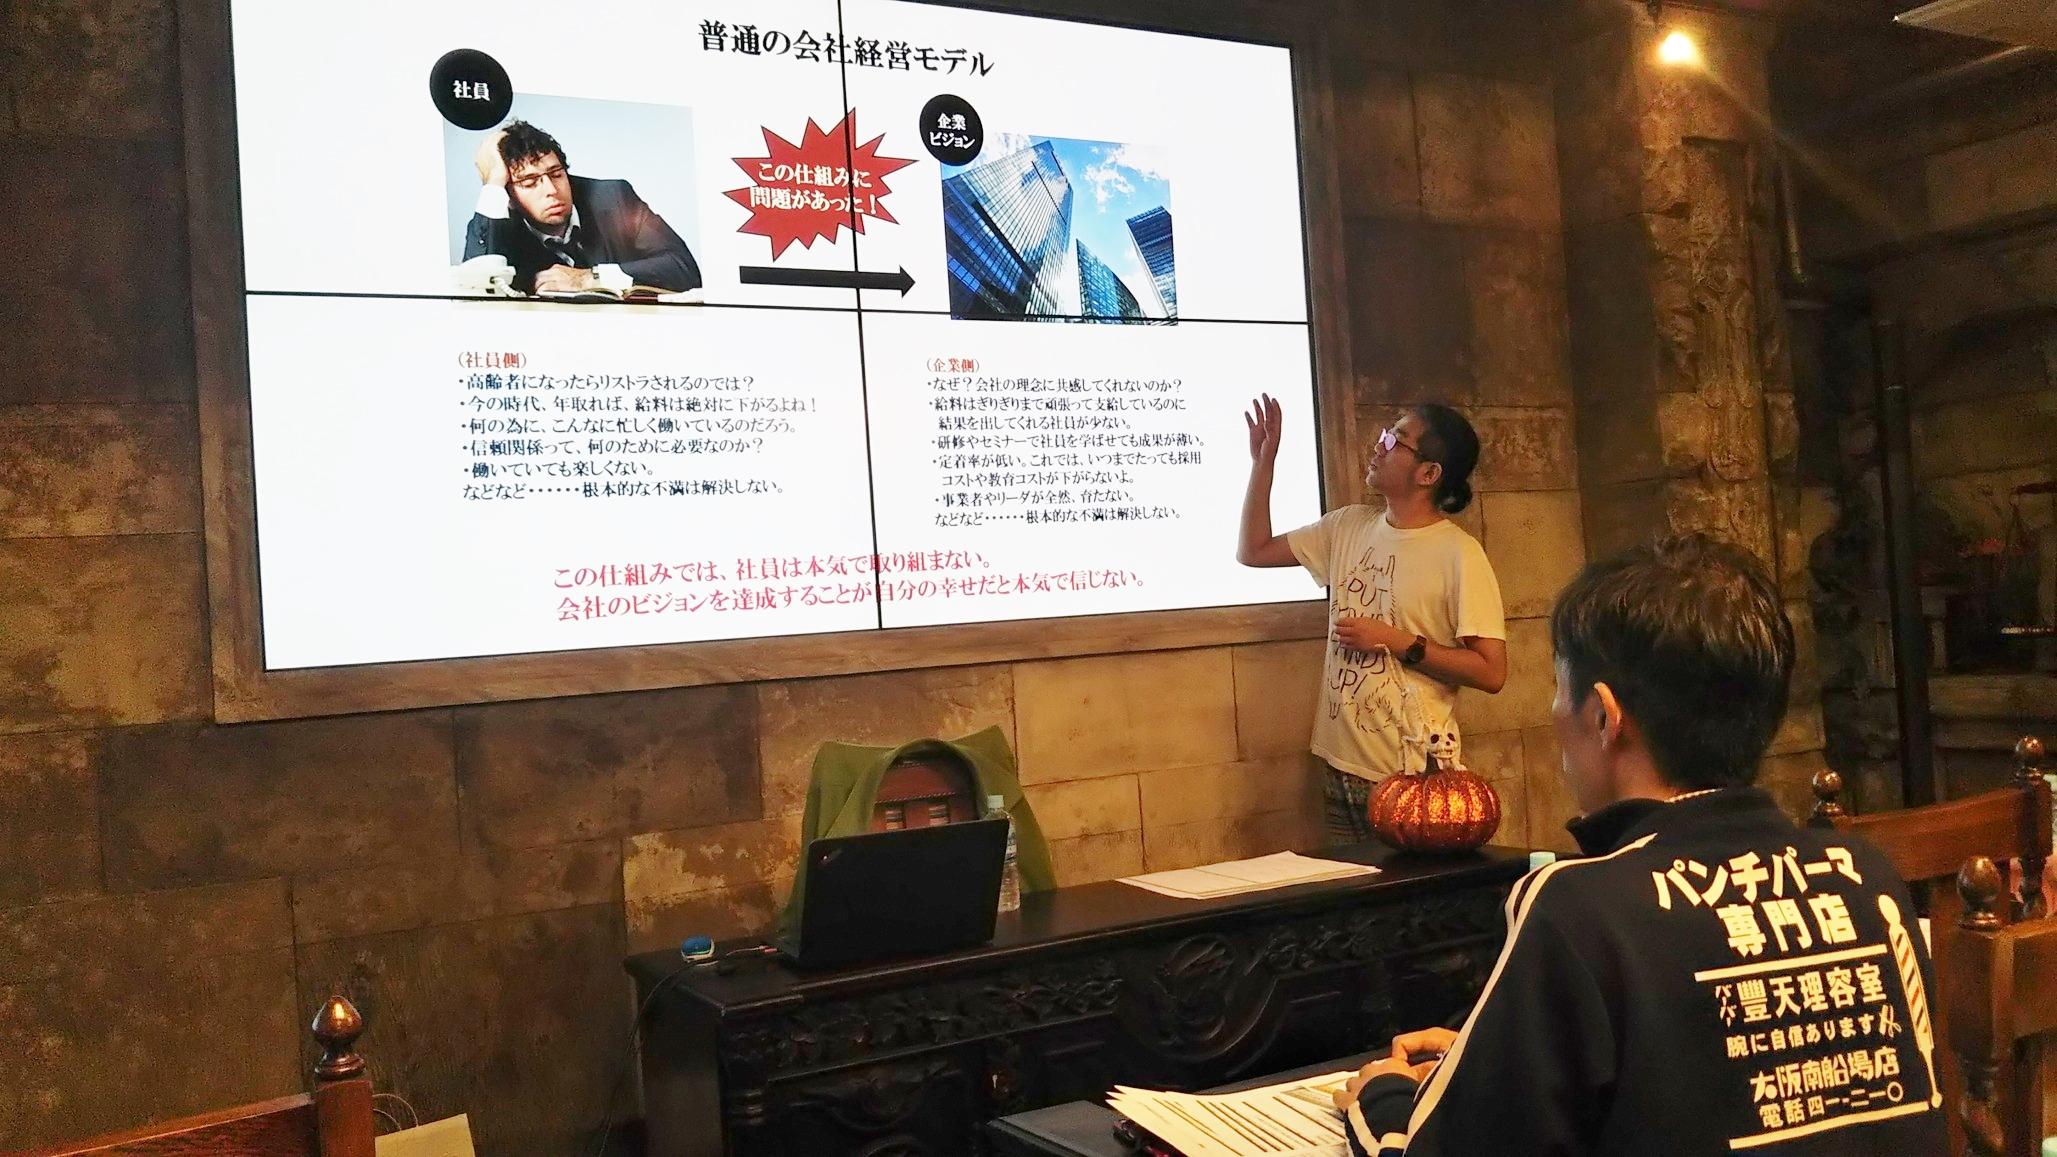 日本で唯一!?自分の夢を定義しビジネスに落とし込む「ドリームデザインセミナー」